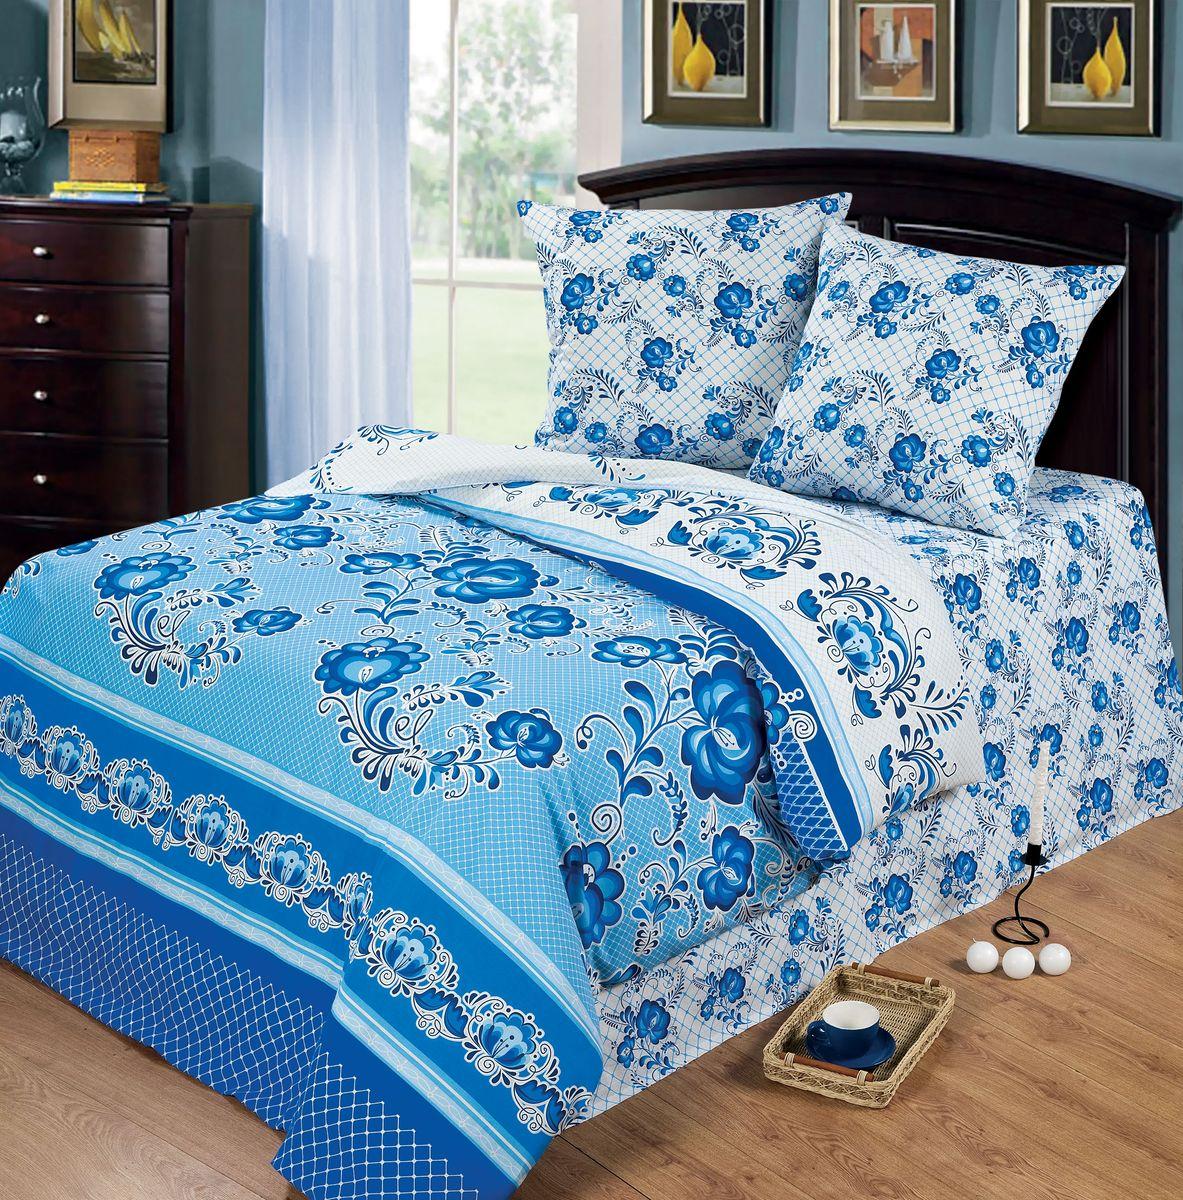 Комплект белья Любимый дом Гжель, 2-спальный, наволочки 70x70, цвет: белый, синий, голубой321419Комплект постельного белья Любимый дом Гжель является экологически безопасным, так как выполнен из поплина (100% хлопка). Комплект состоит из пододеяльника, простыни и двух наволочек. Постельное белье оформлено красивым цветочным рисунком и имеет изысканный внешний вид. Постельное белье Любимый дом - лучший выбор для современной хозяйки! Его отличают демократичная цена и отличное качество. Благодаря высокому качеству ткани и европейским стандартам пошива постельное белье Любимый дом будет радовать вас долгие годы!